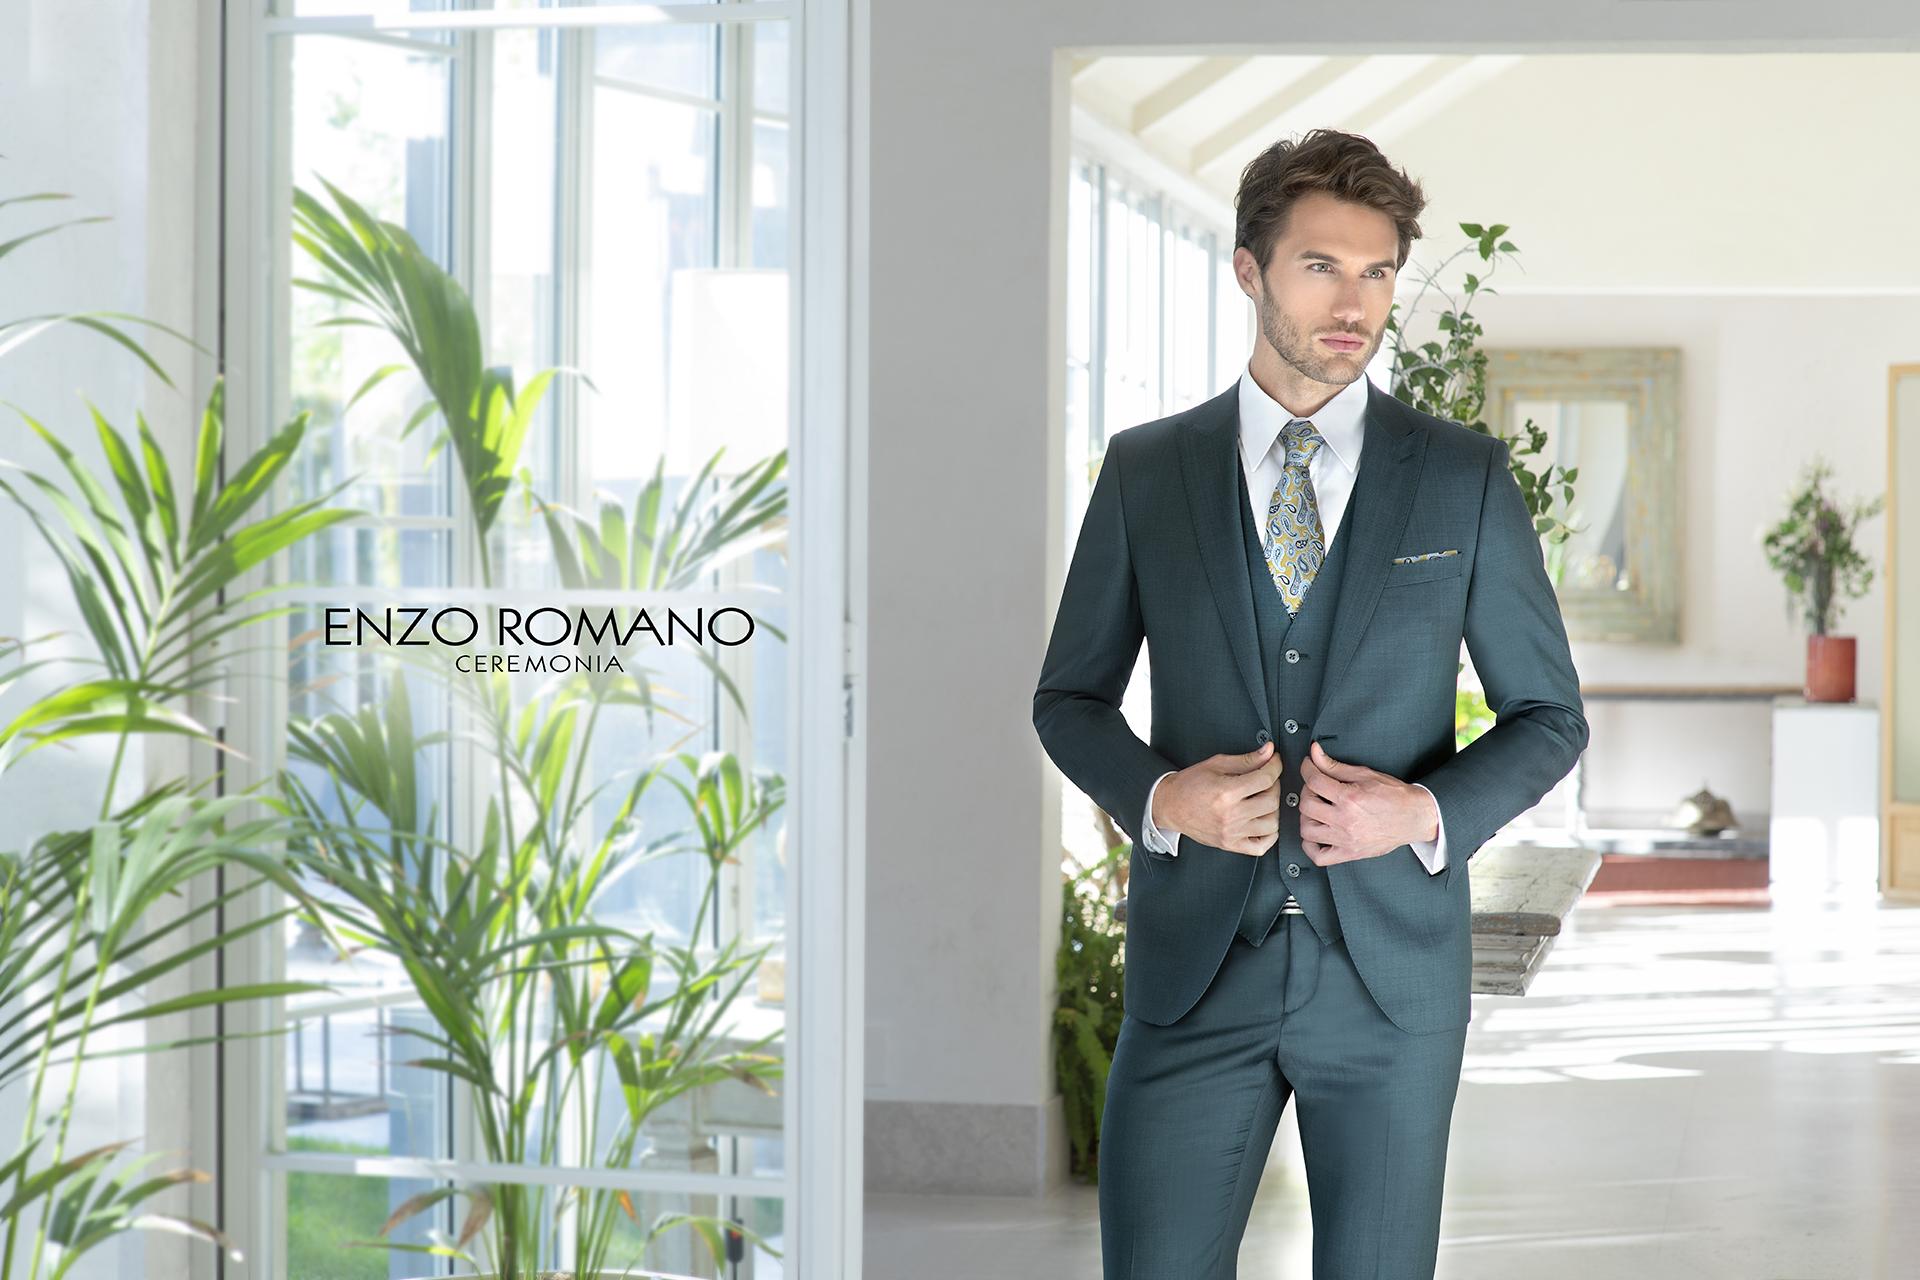 Enzo_romano_15